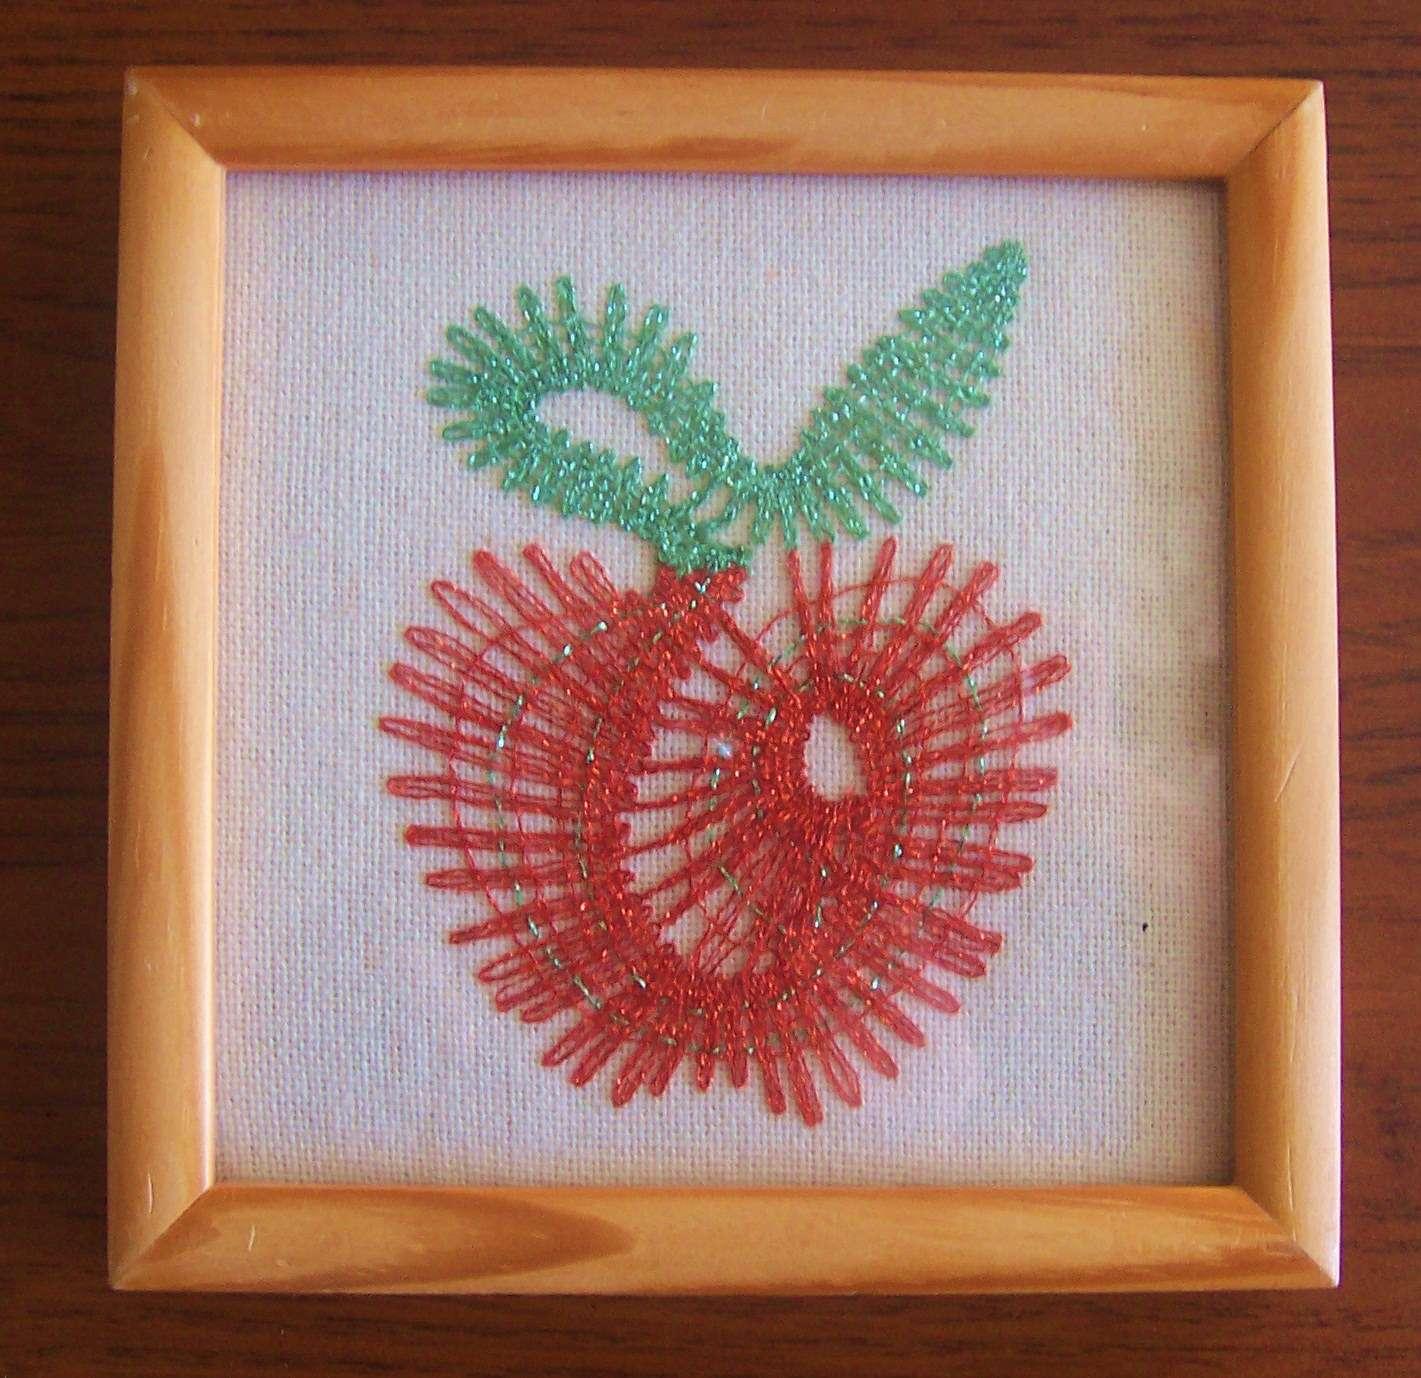 Obrázok - paličkovaná čipka - Obrázok č. 1